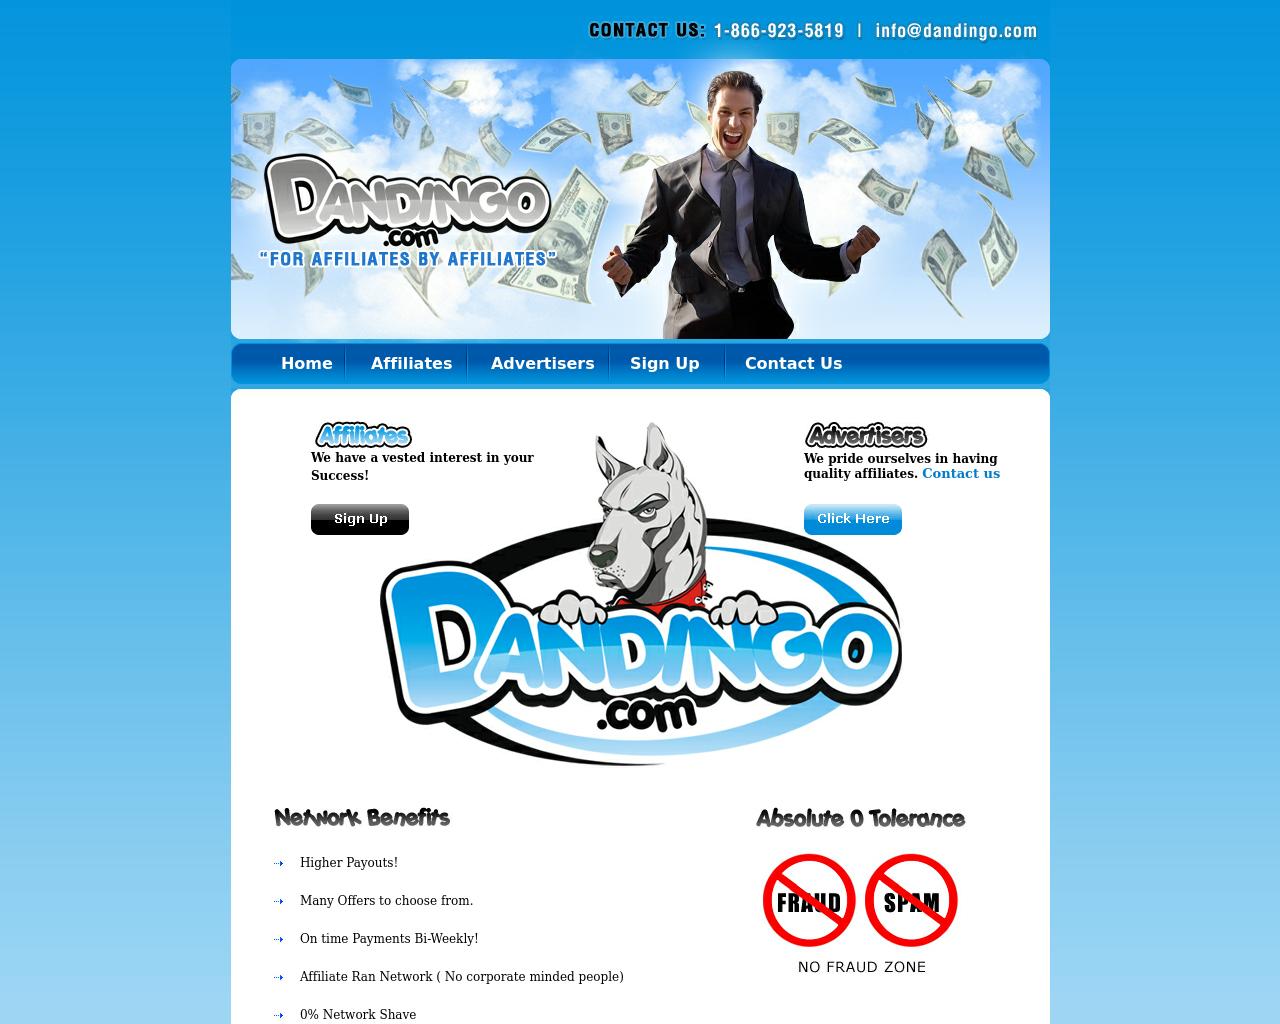 Dandingo.com-Advertising-Reviews-Pricing